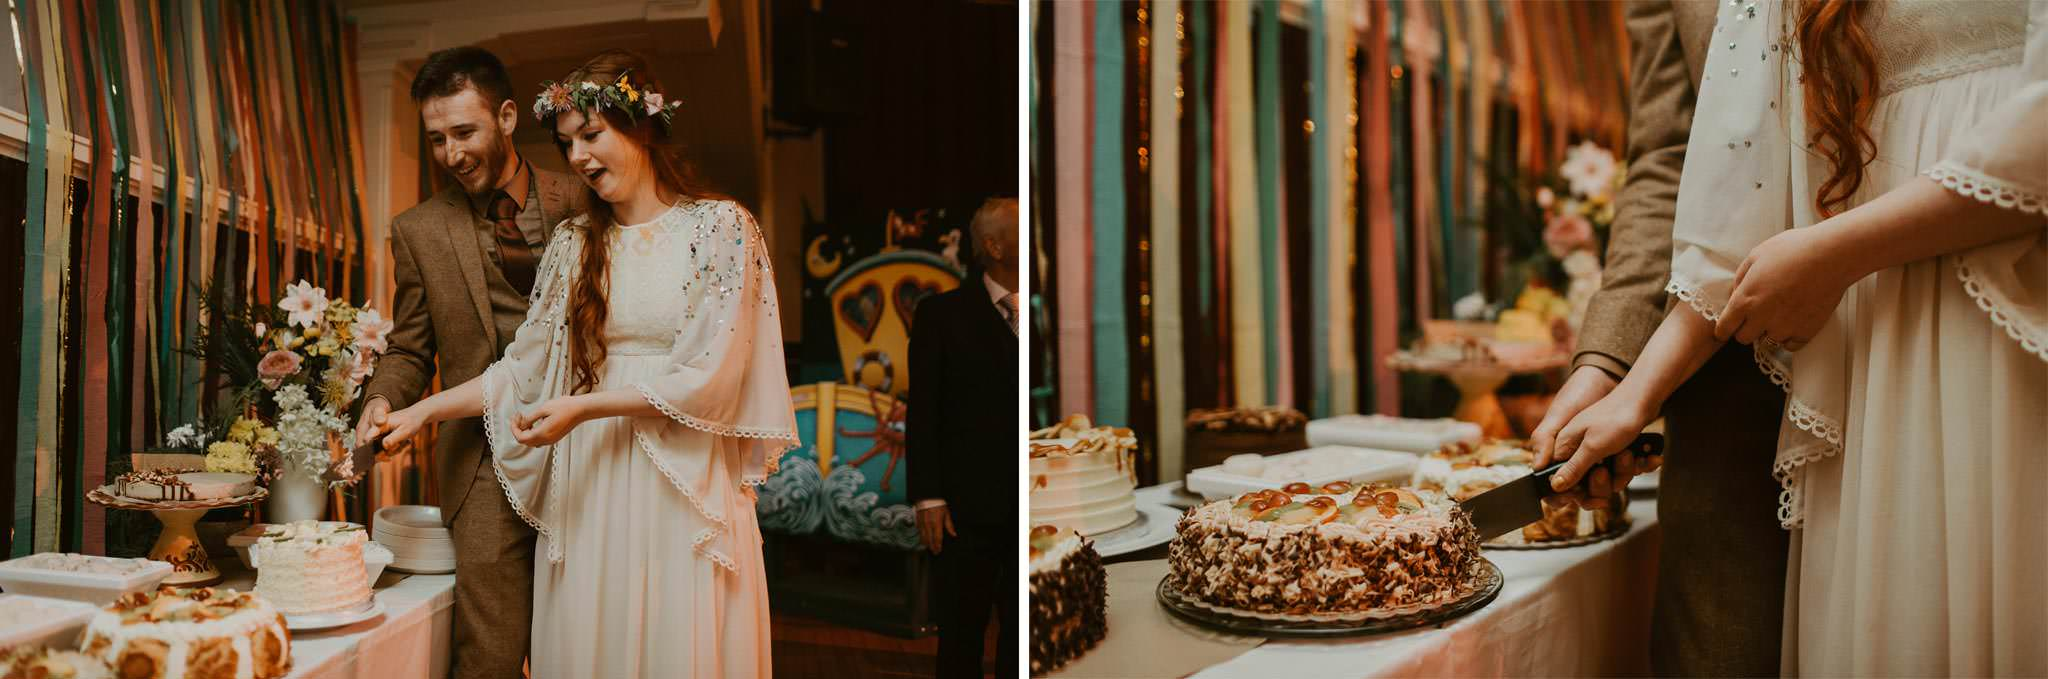 scottish-wedding-photography-149